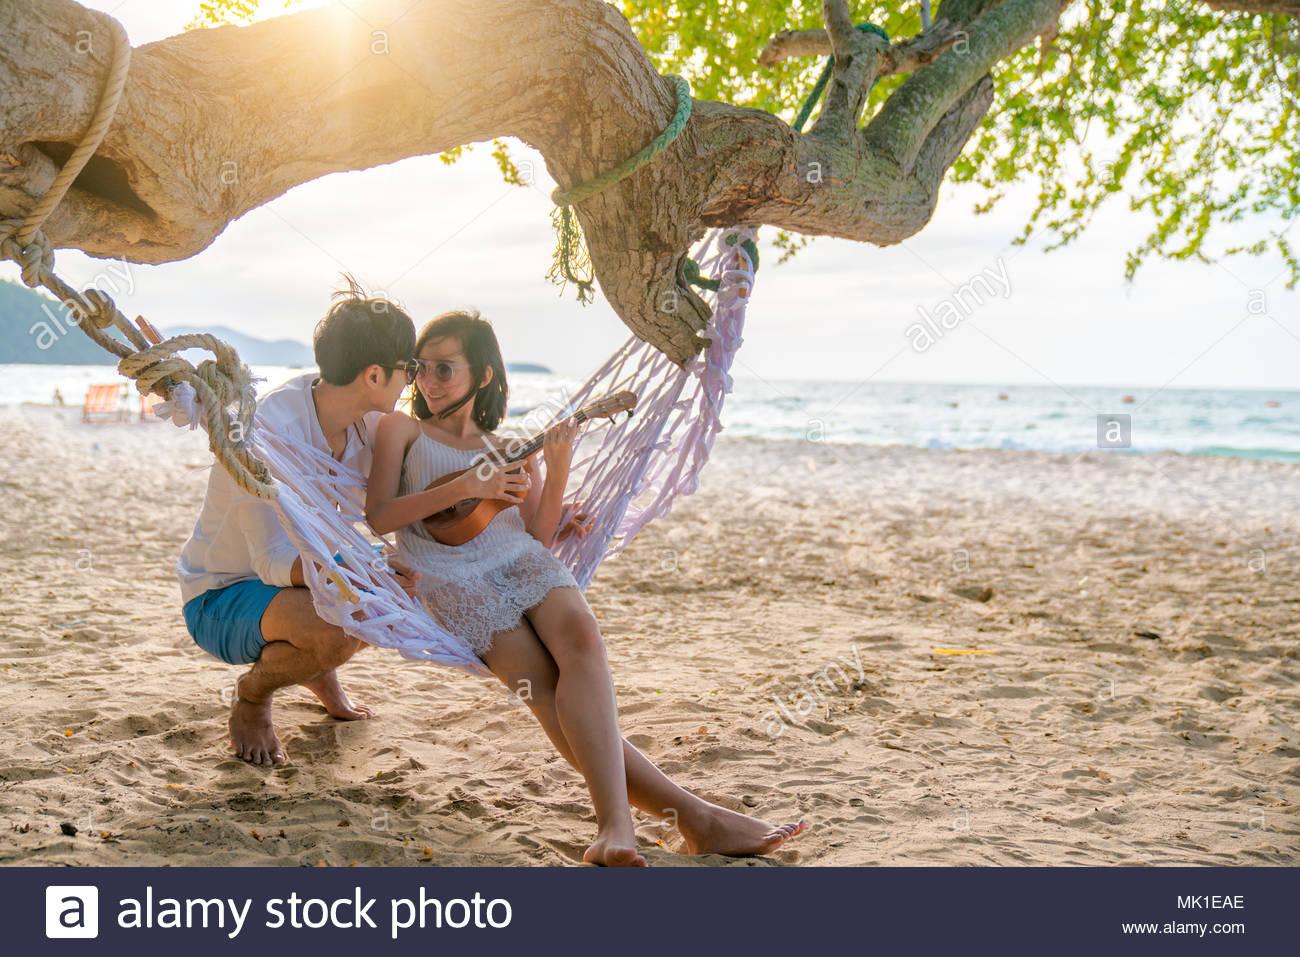 Par romântico está sentado e beijando na praia mar no baloiço. Férias de família em lua de mel. Amor e relacionamento Imagens de Stock